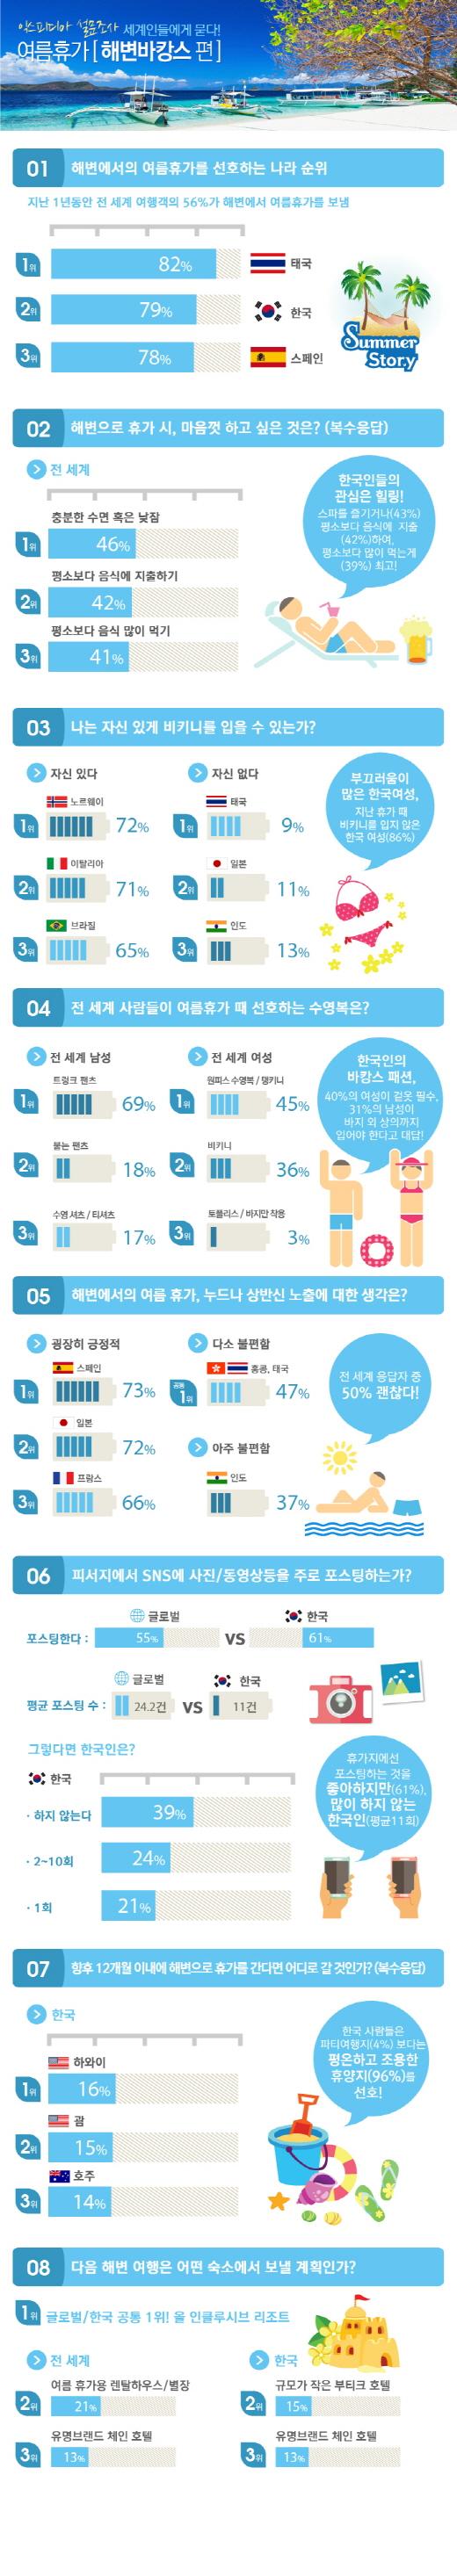 韓여성 86%, 작년 휴가때 비키니 안 입어